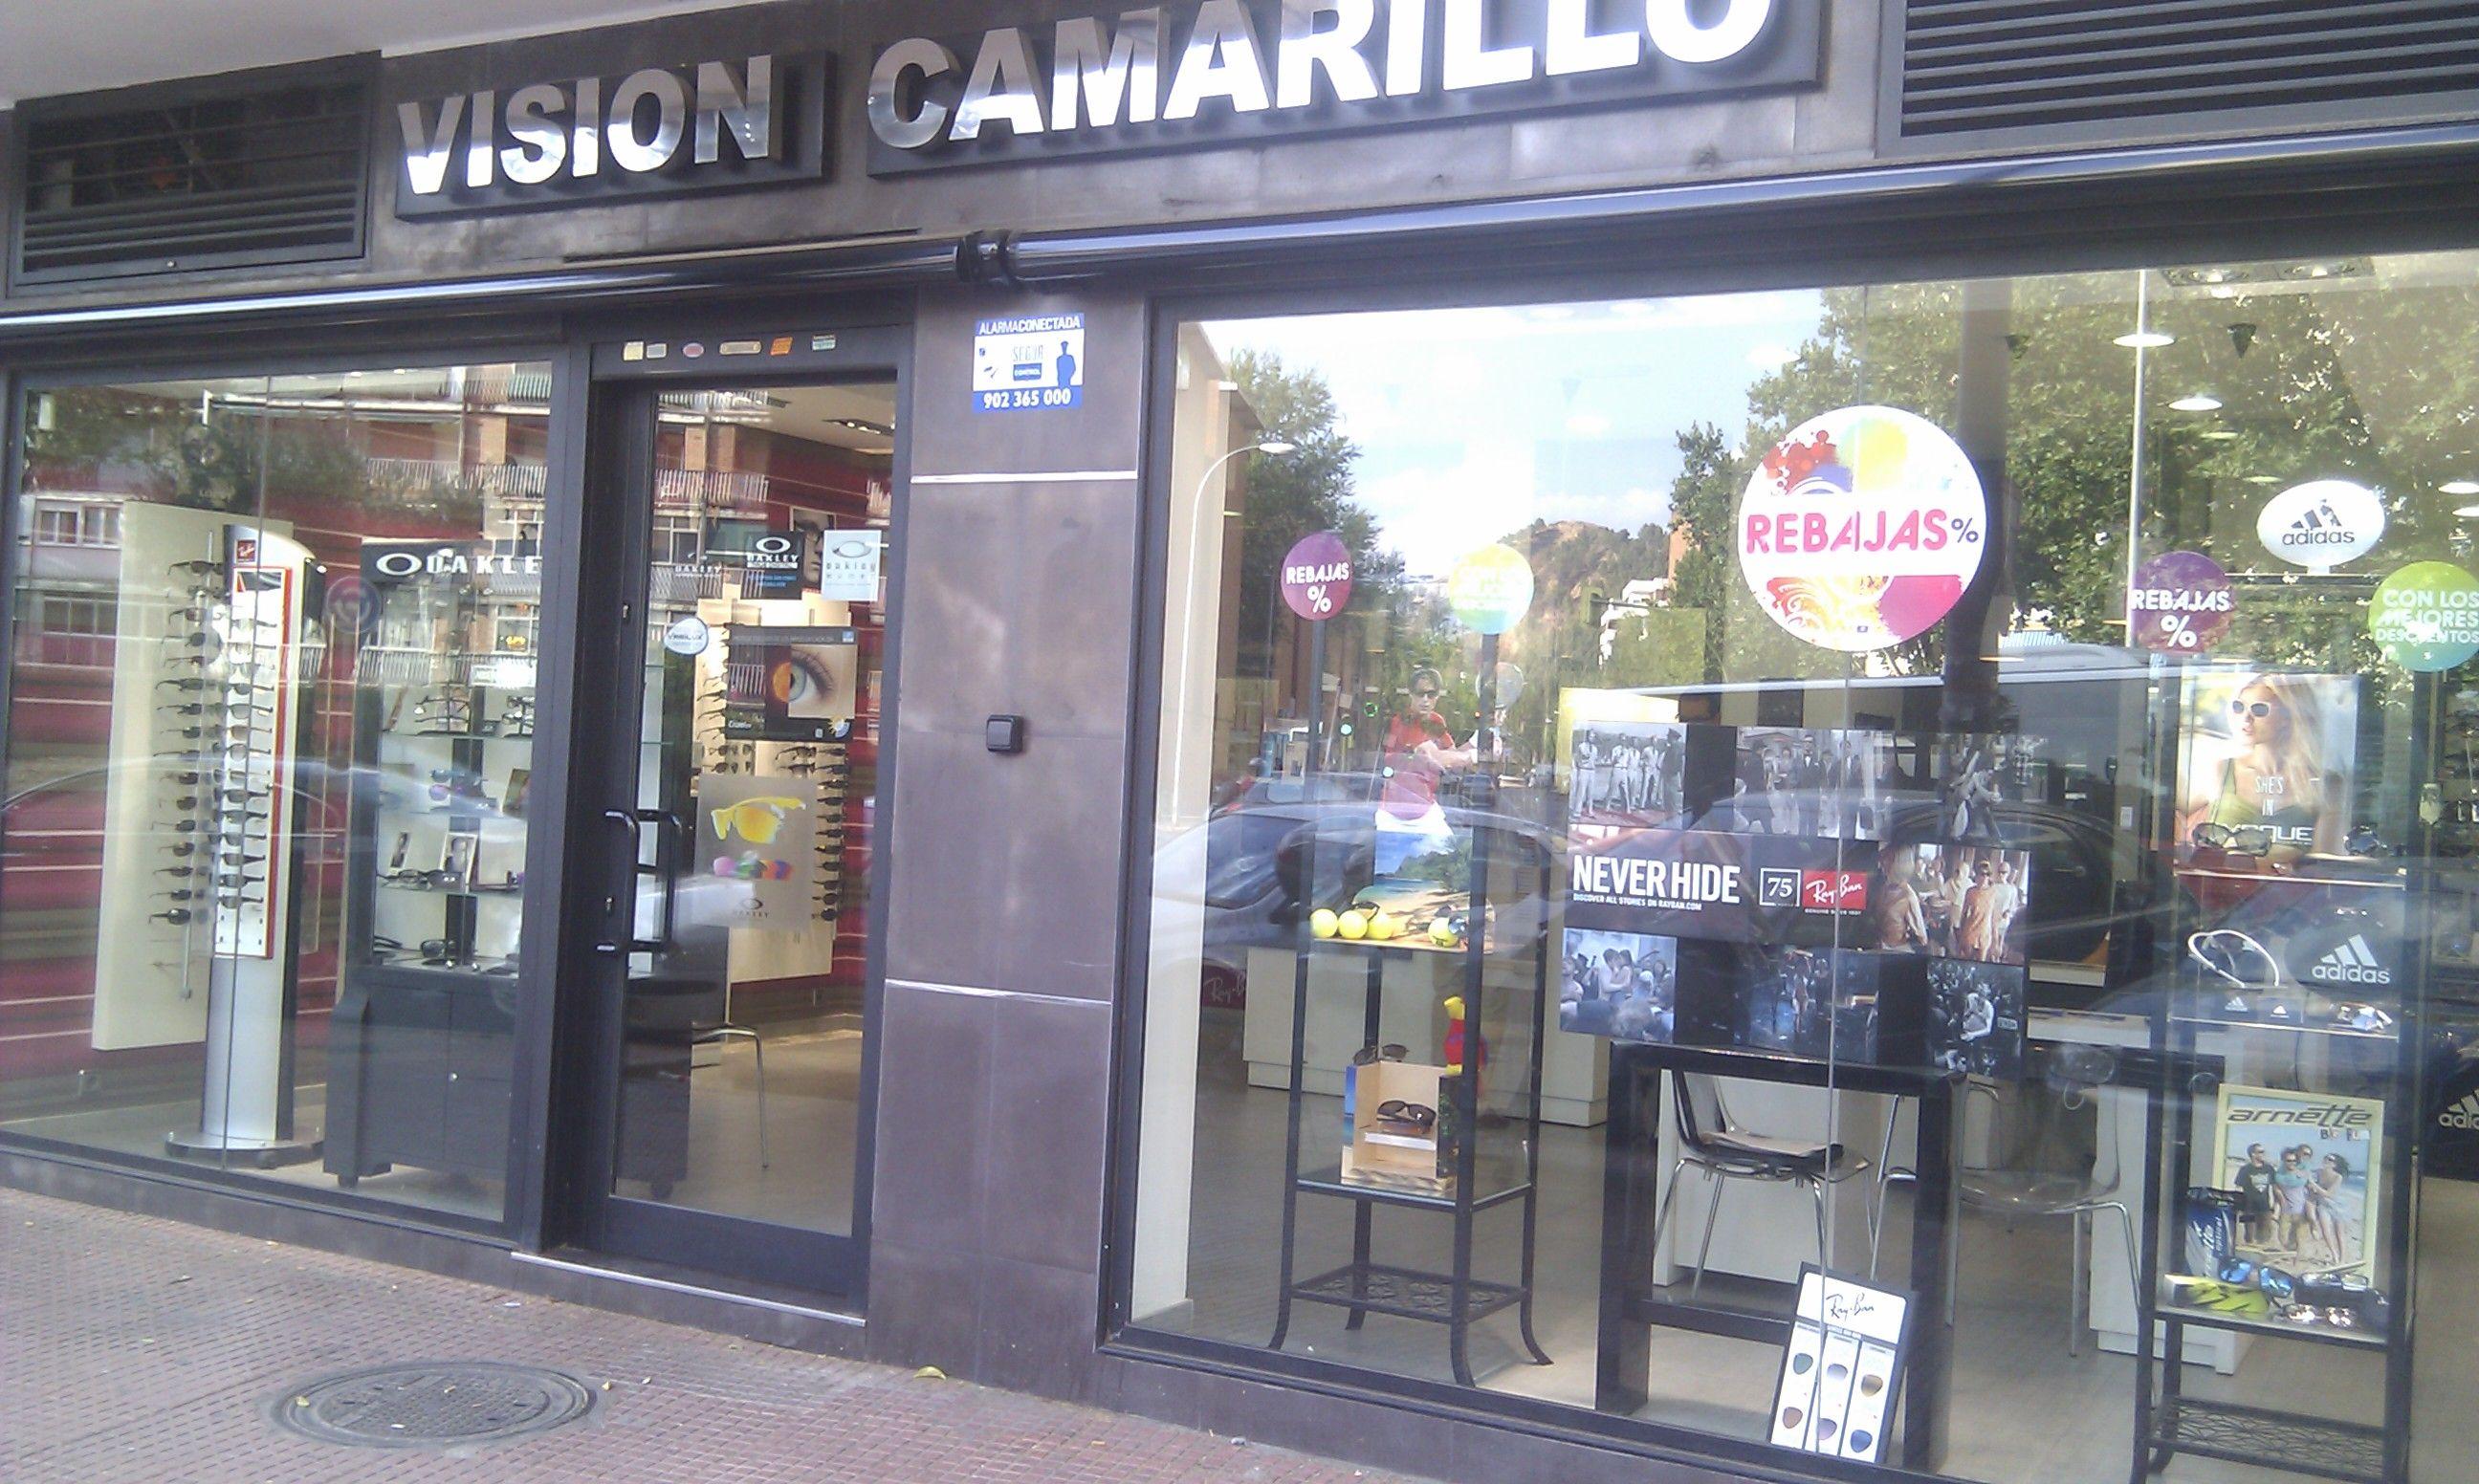 Foto 4 de Ópticas en Alcalá de Henares | Visión Camarillo